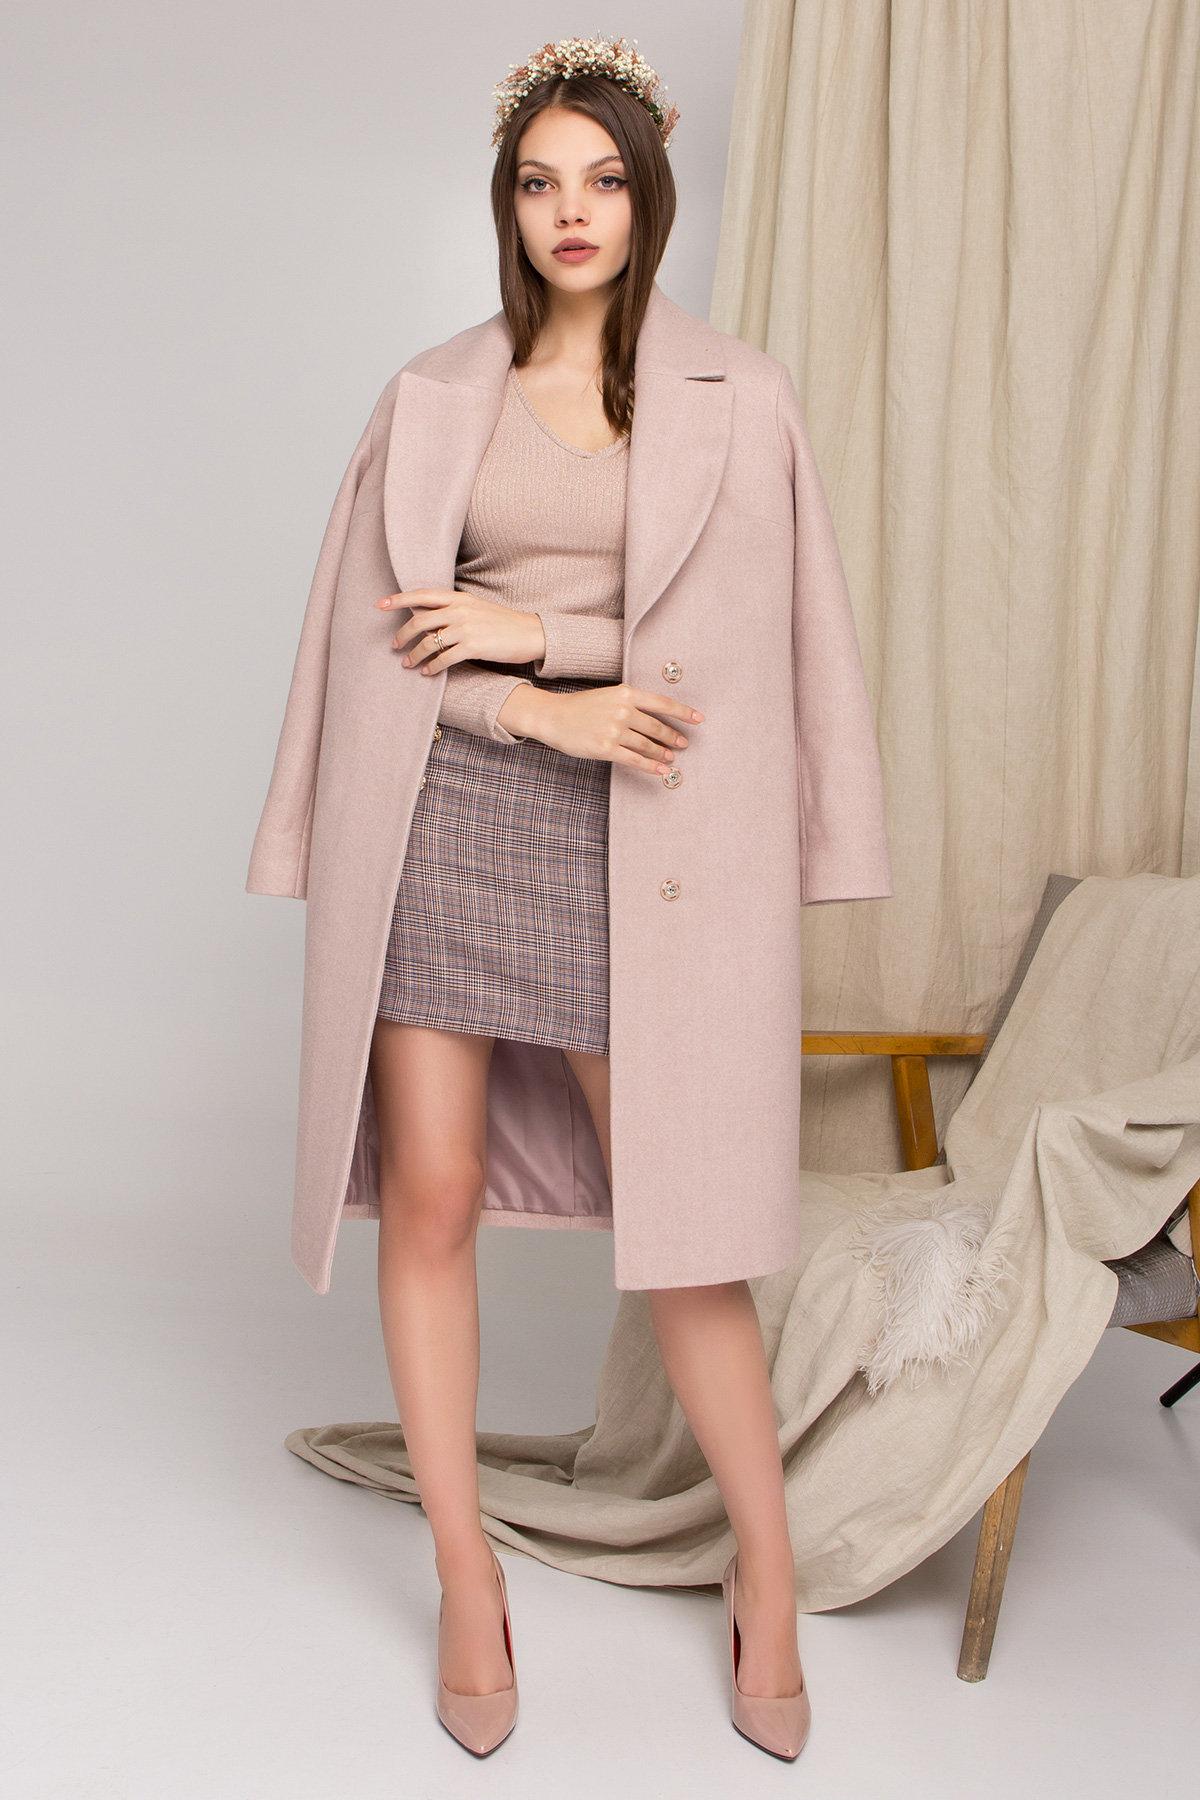 Стильное бежевое пальто Севен 8755 АРТ. 45112 Цвет: Бежевый меланж - фото 5, интернет магазин tm-modus.ru